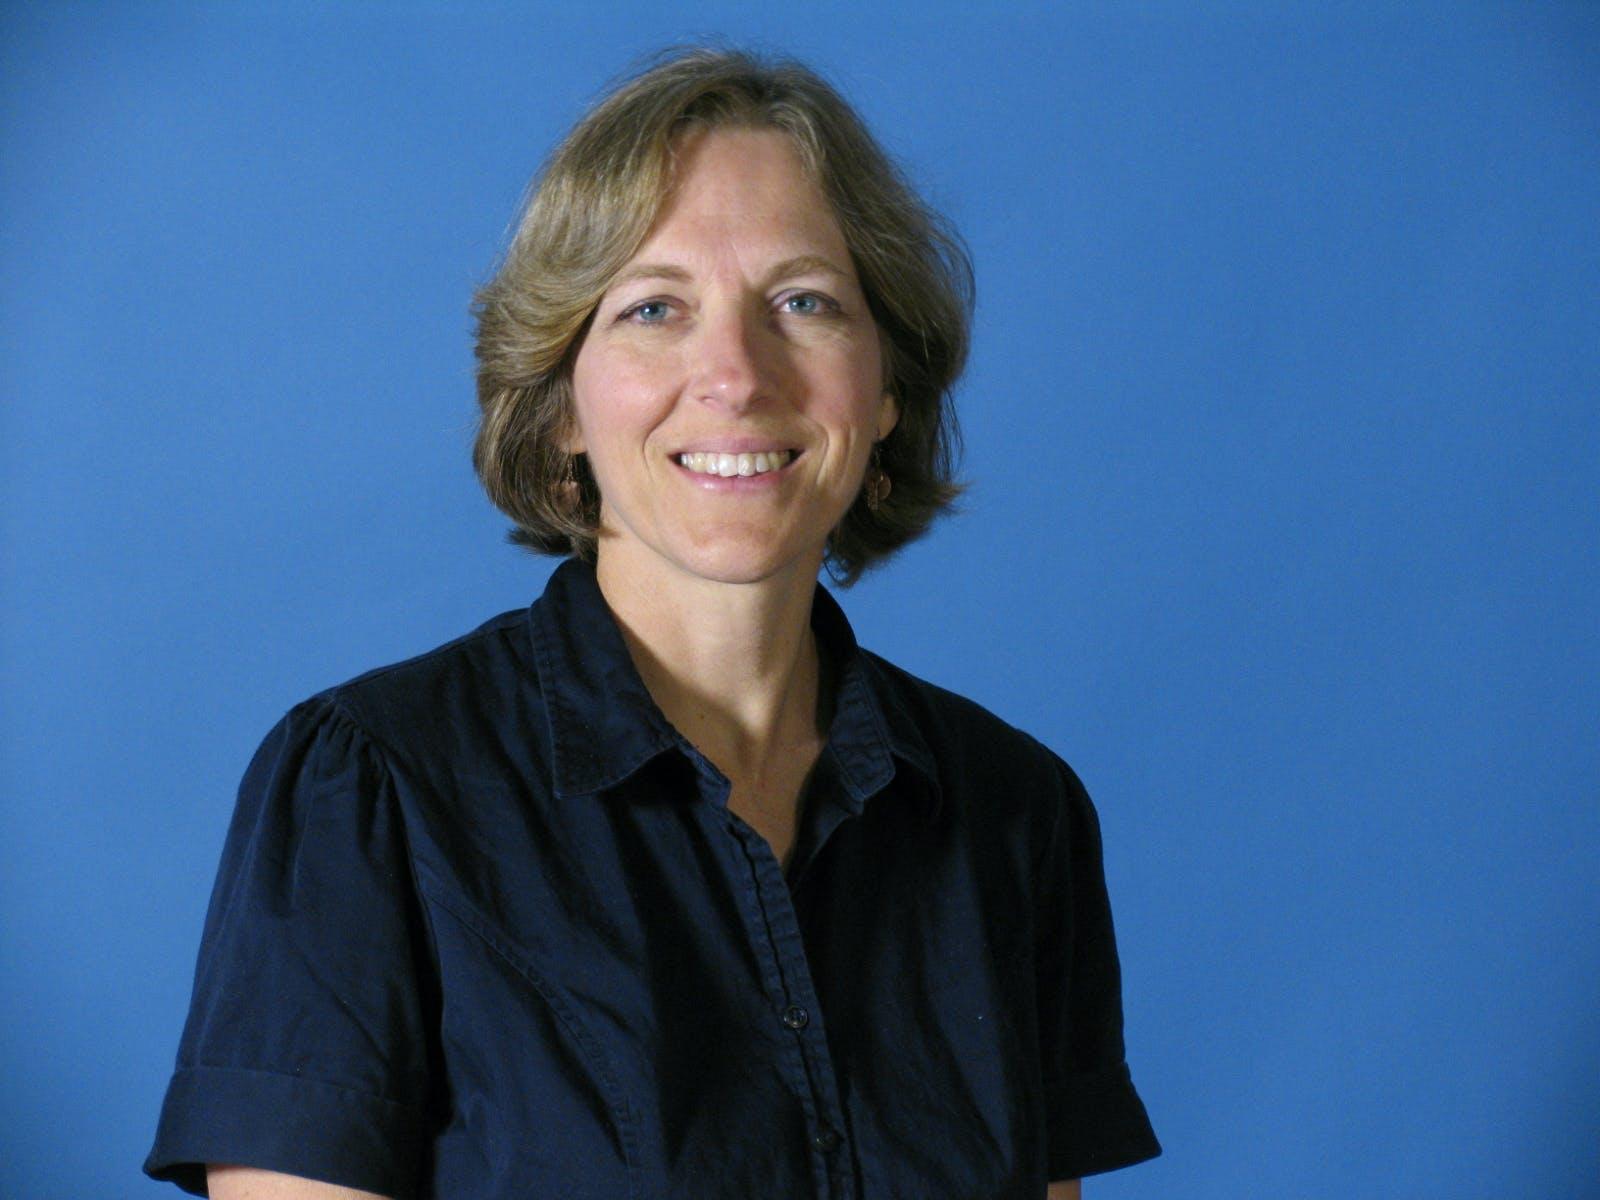 Dr. Bonnie H. Ferri